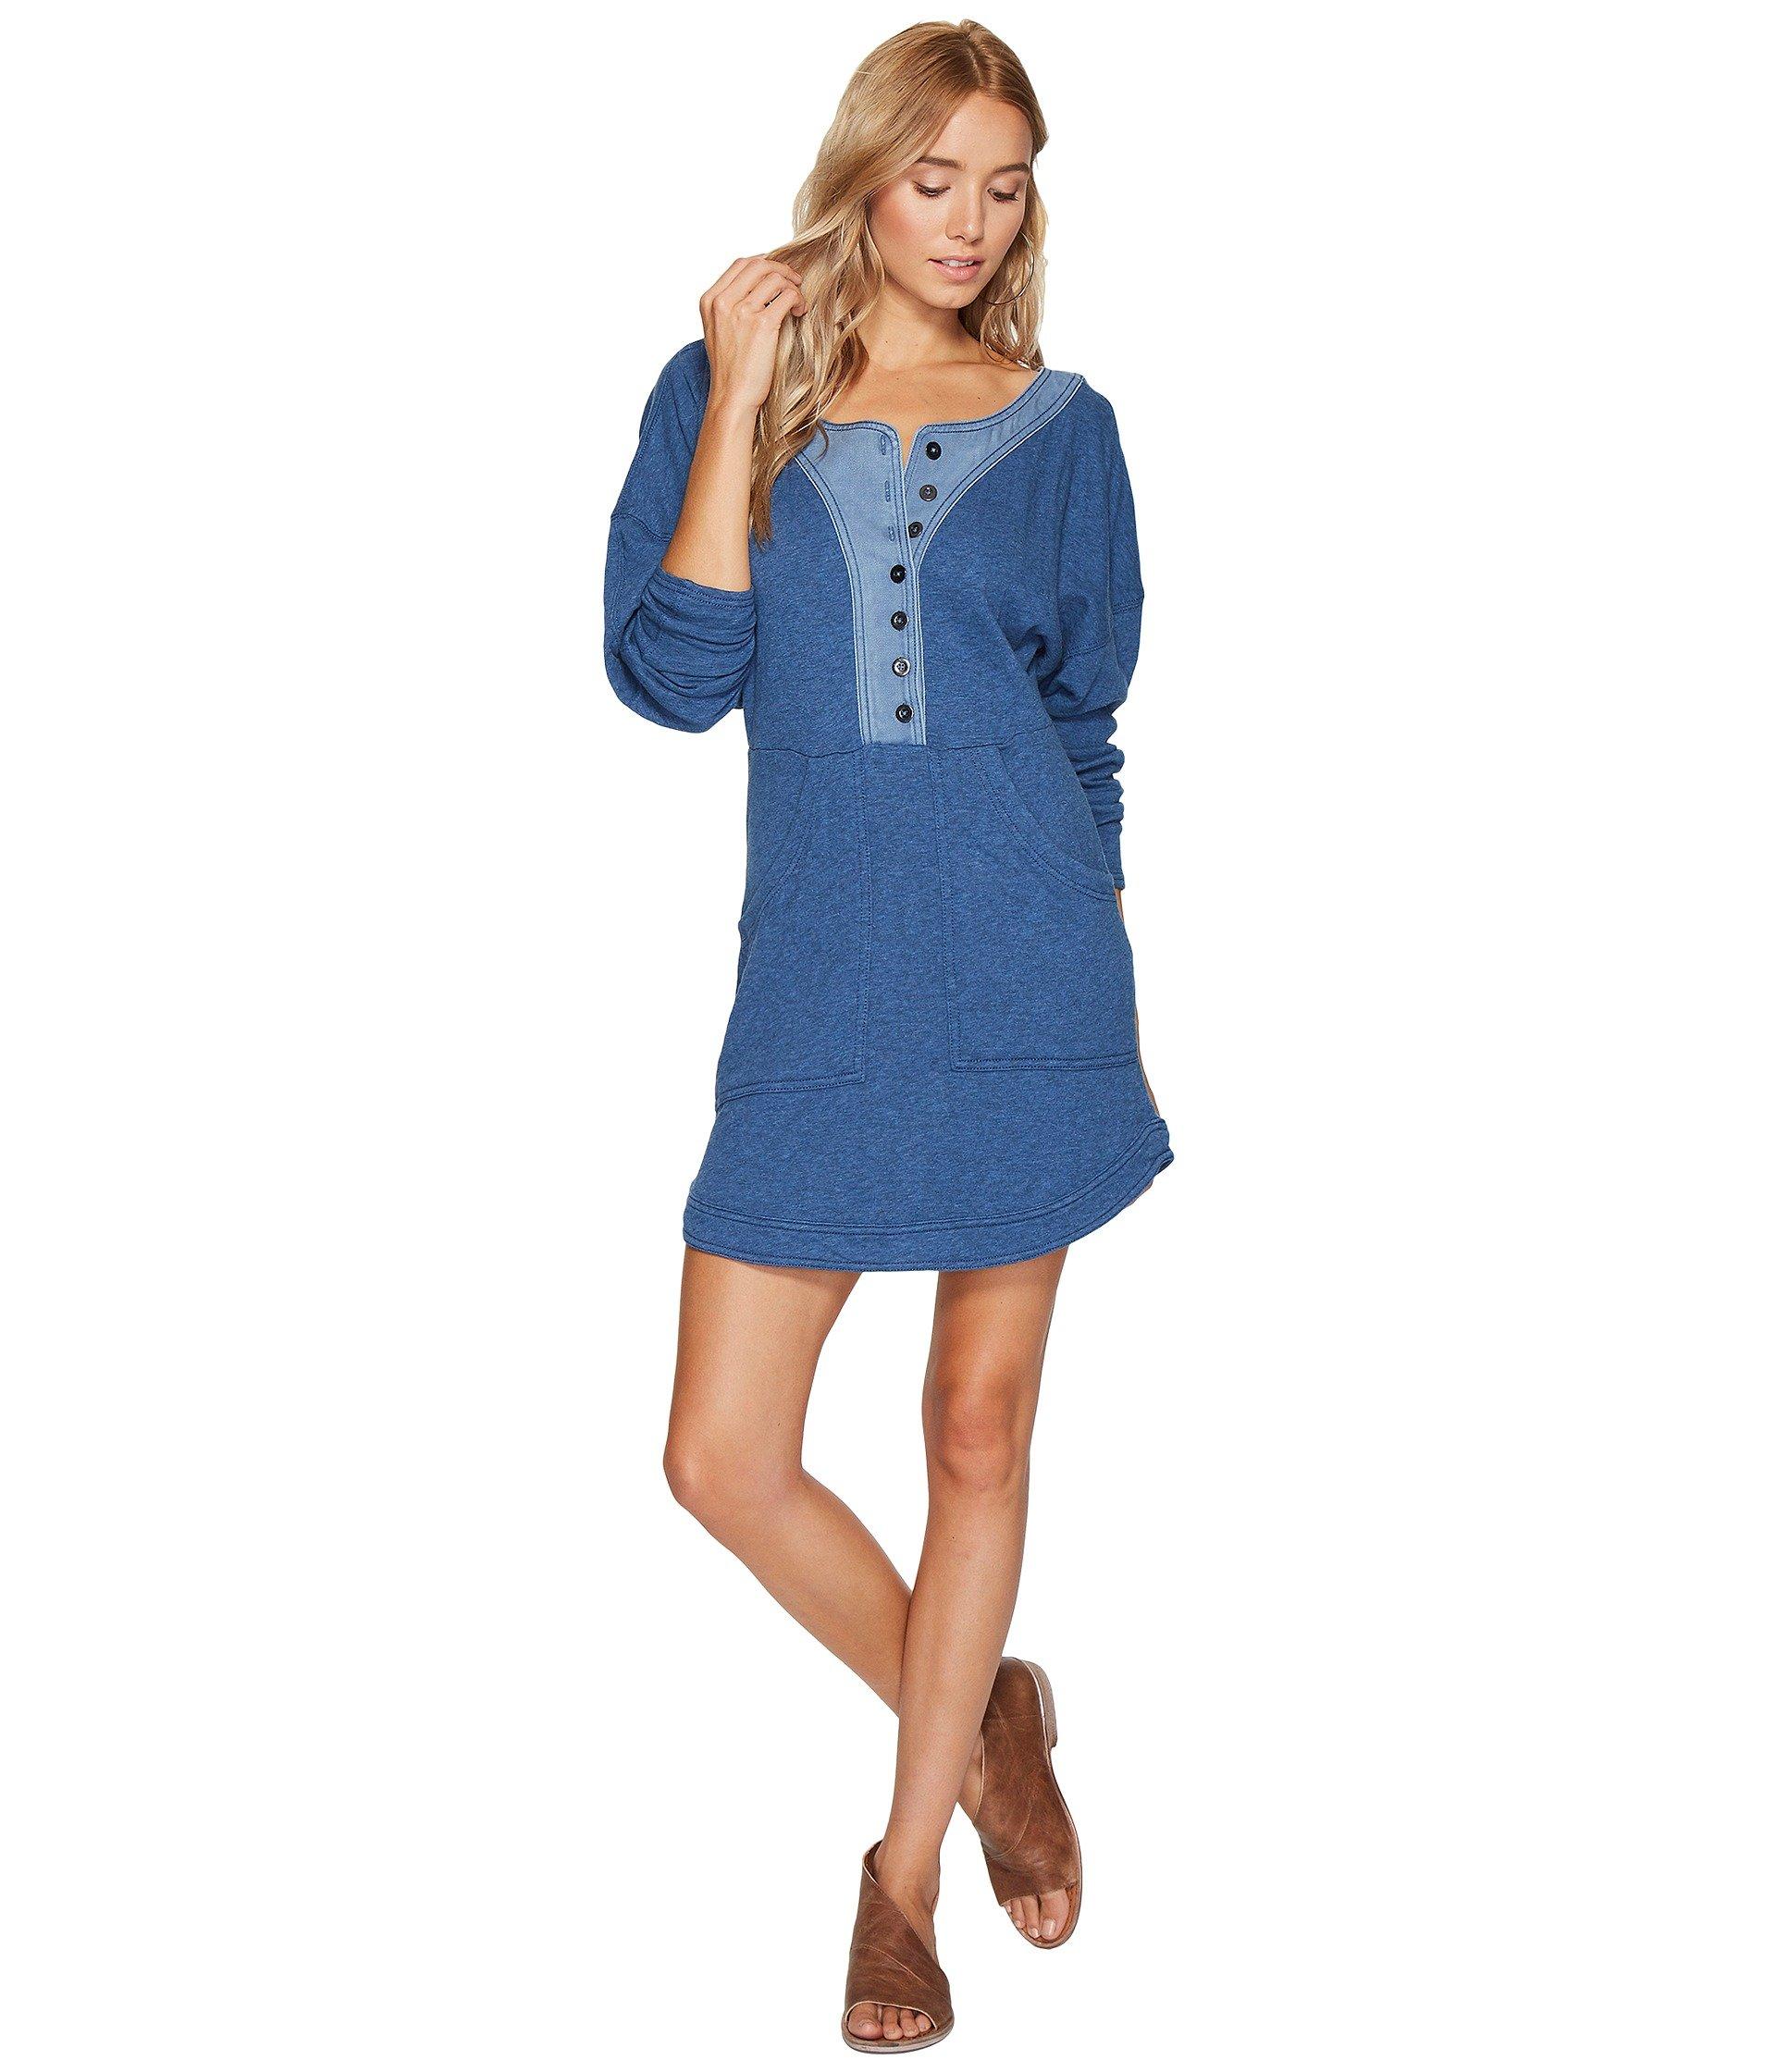 Seeking Heart Mini Dress